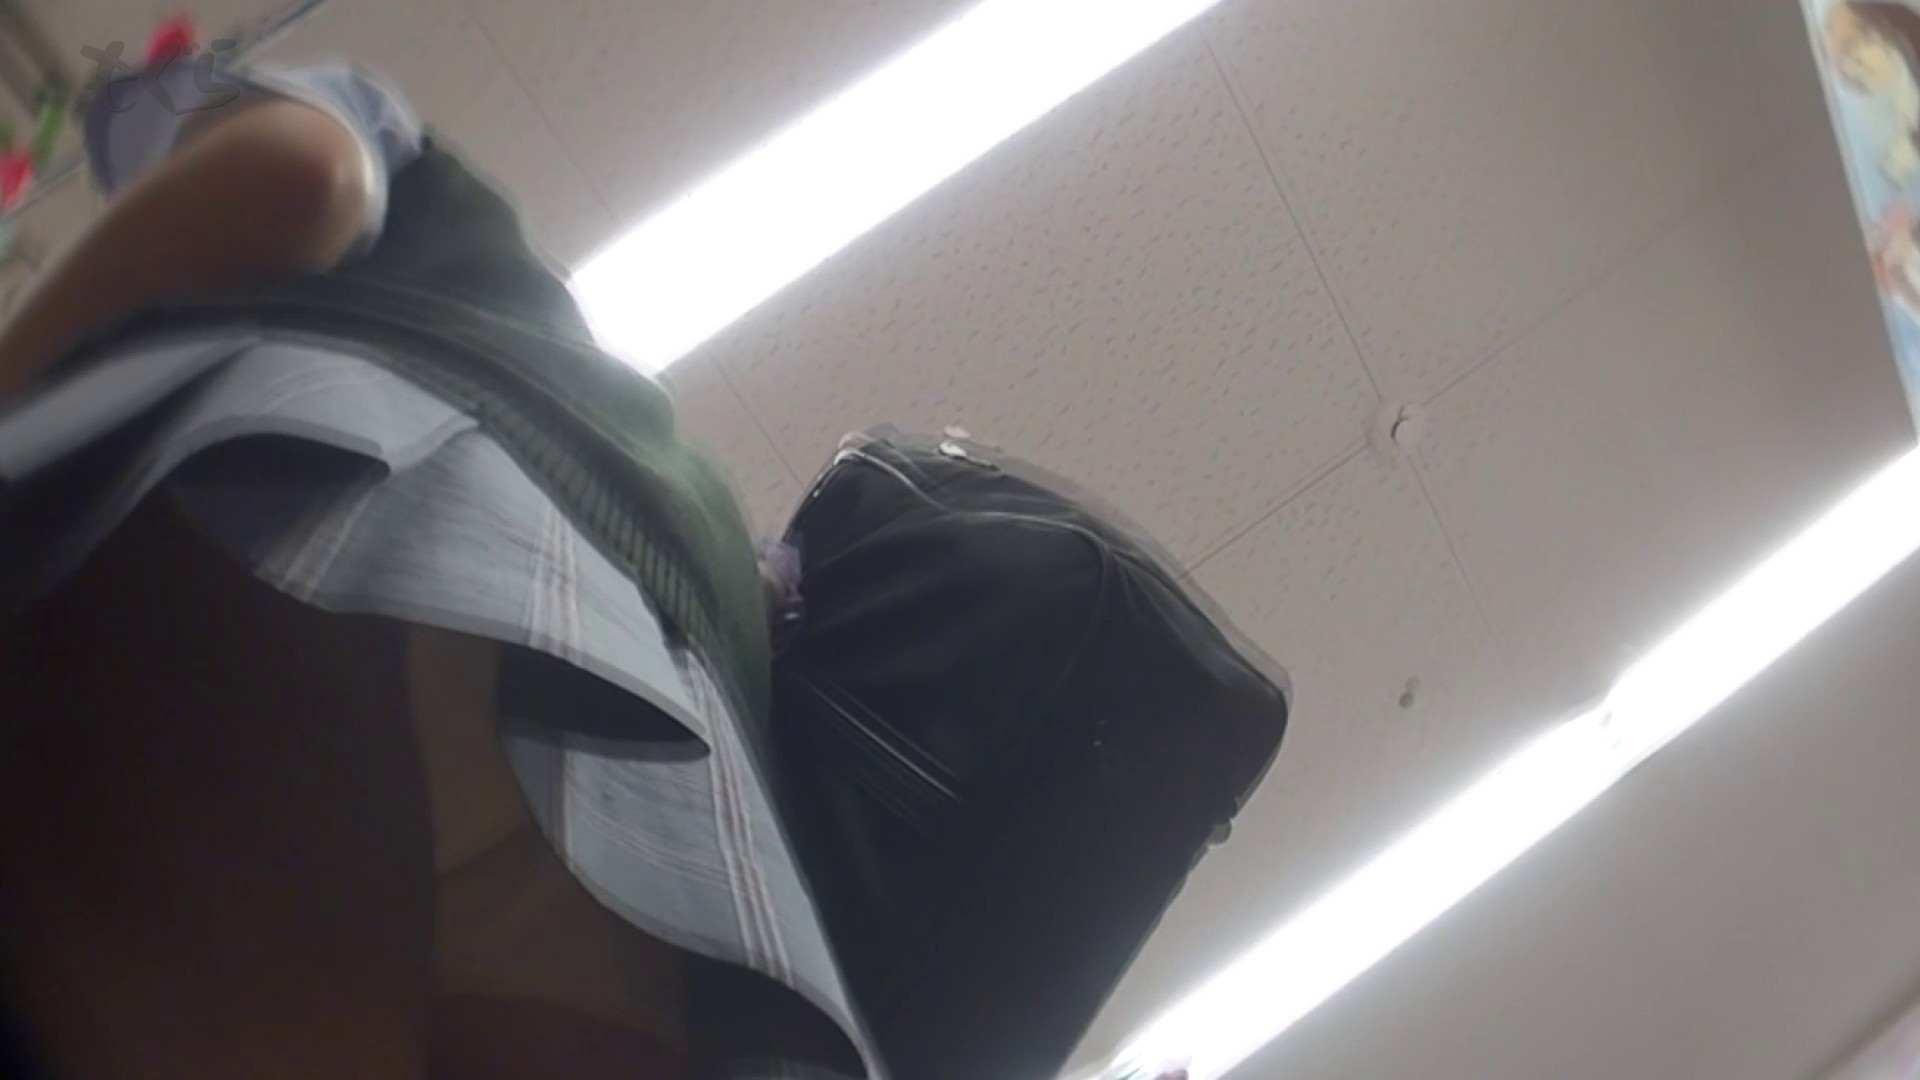 隣から【期間限定品】No.14 黒髪のJDを粘着撮り!! パンチラ女子  76枚 30